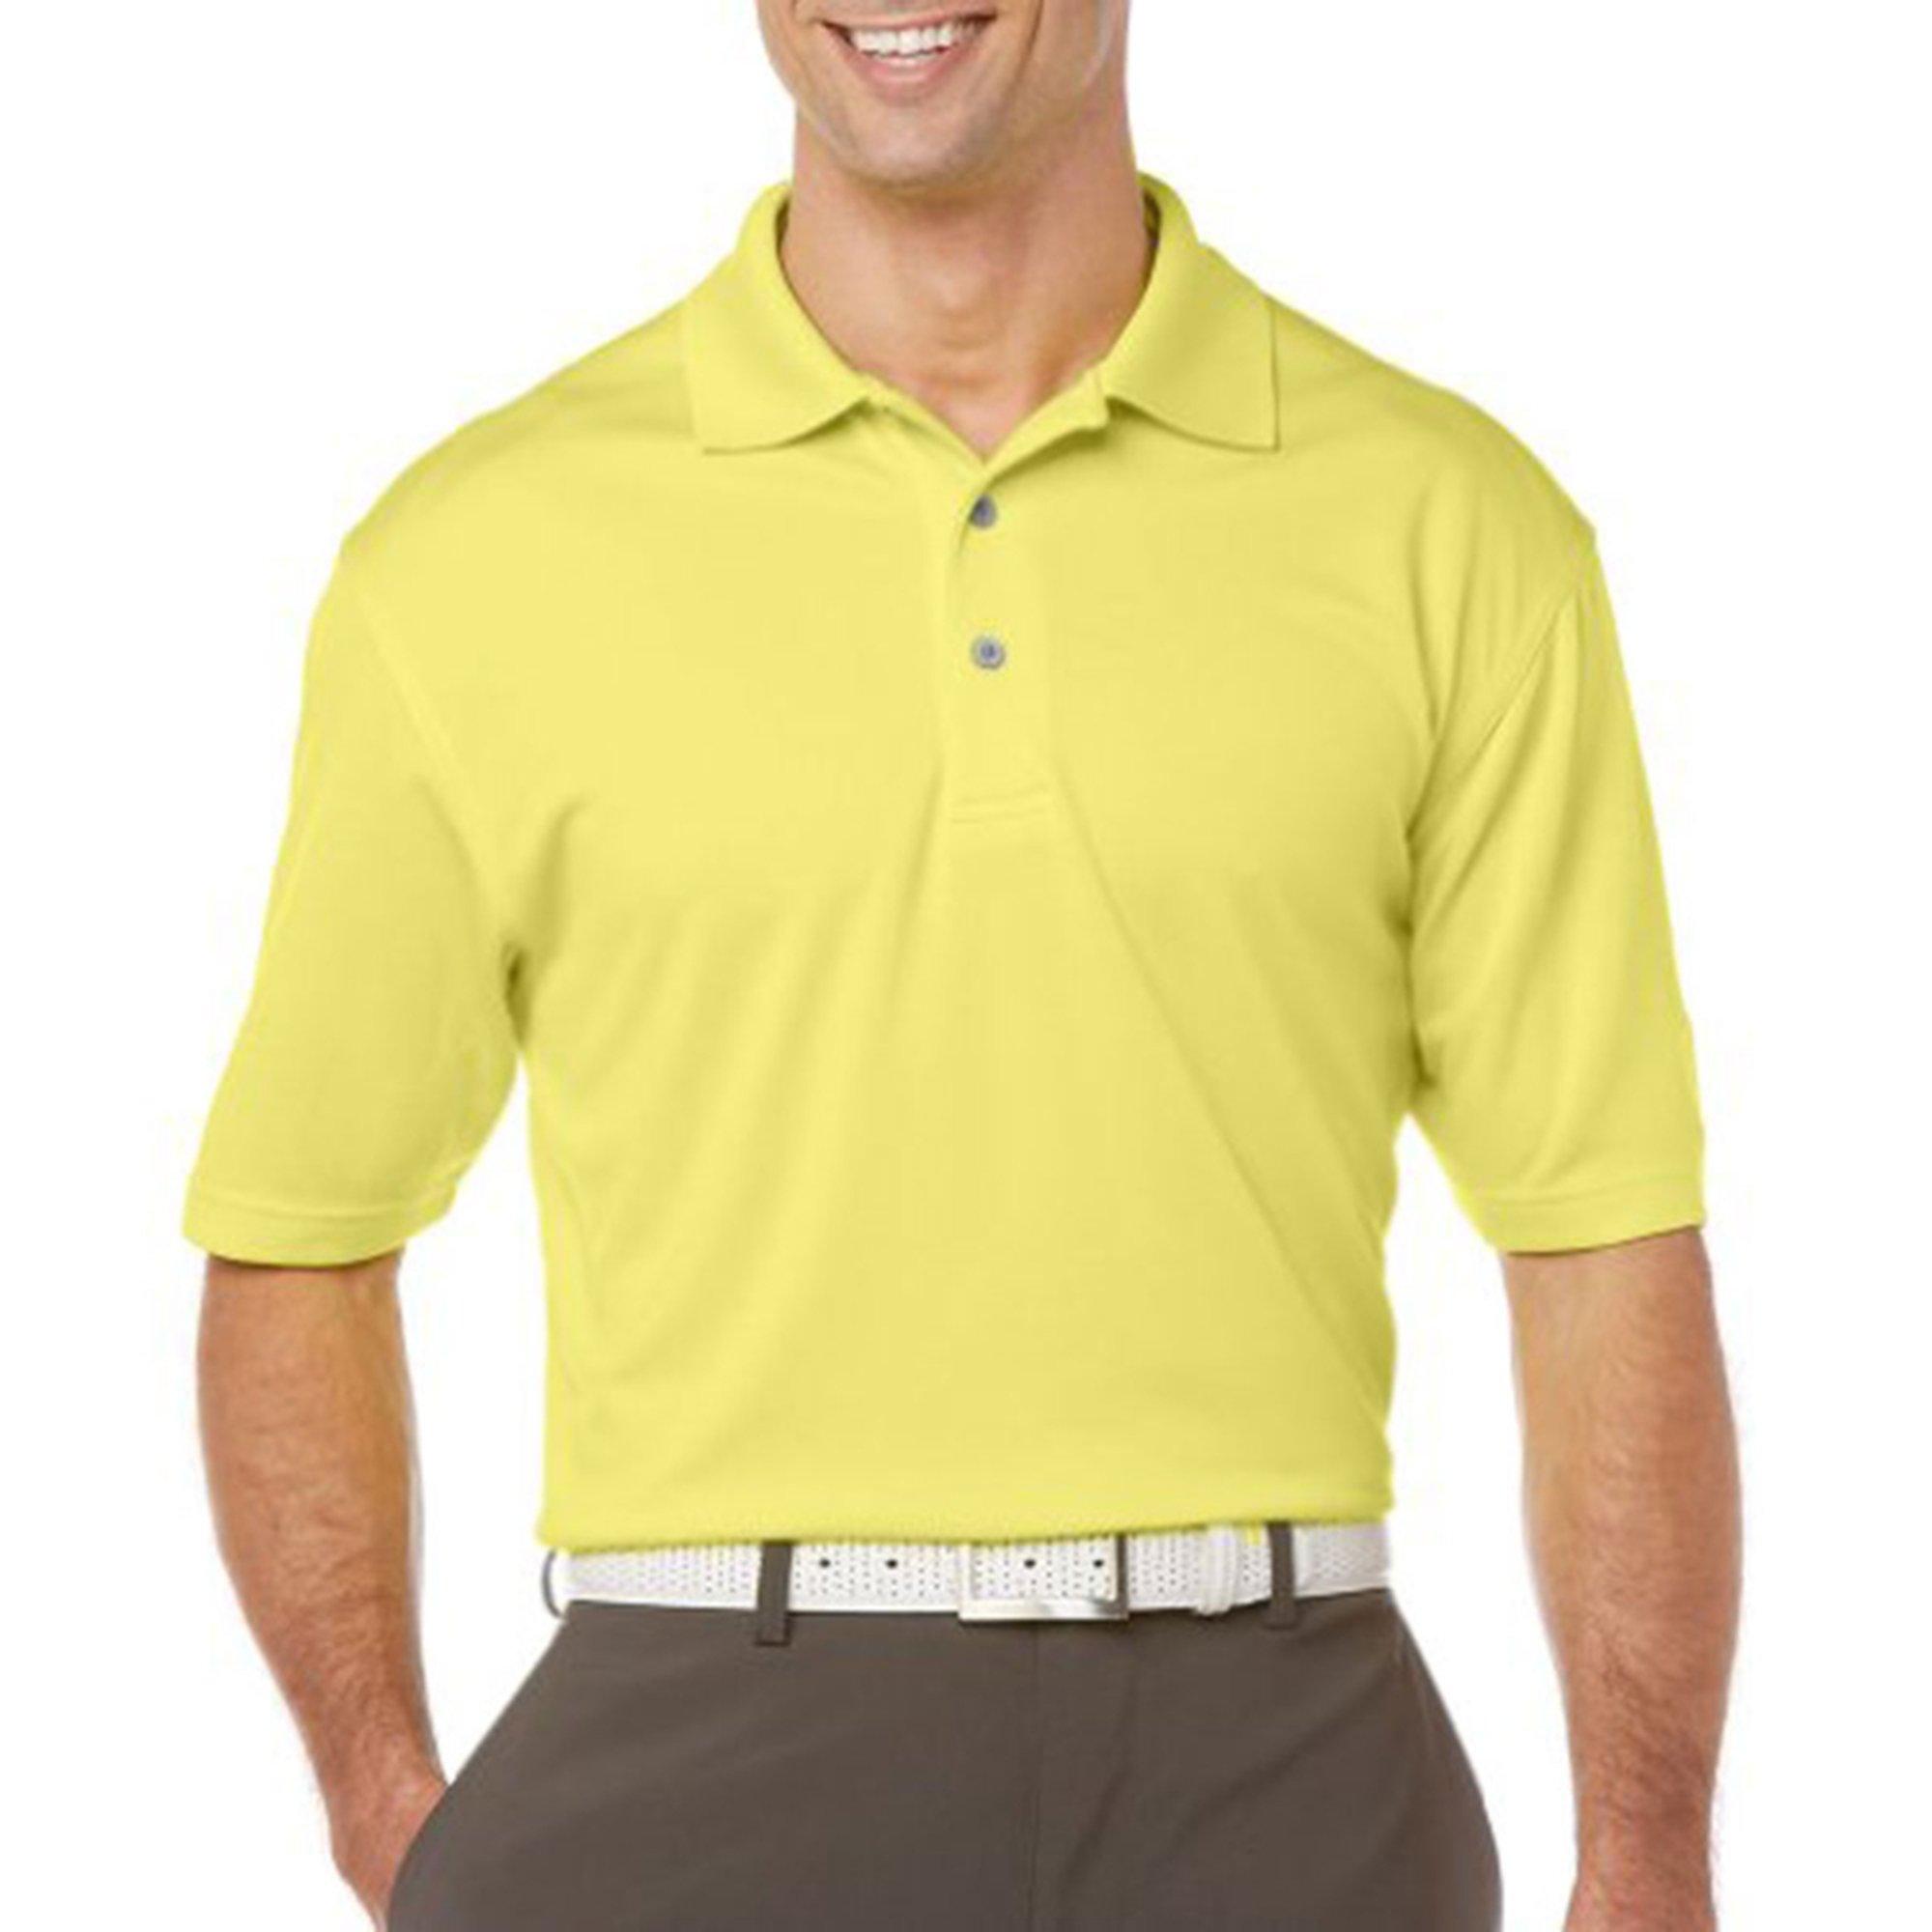 pga tour men u0026 39 s solid golf polo shirt